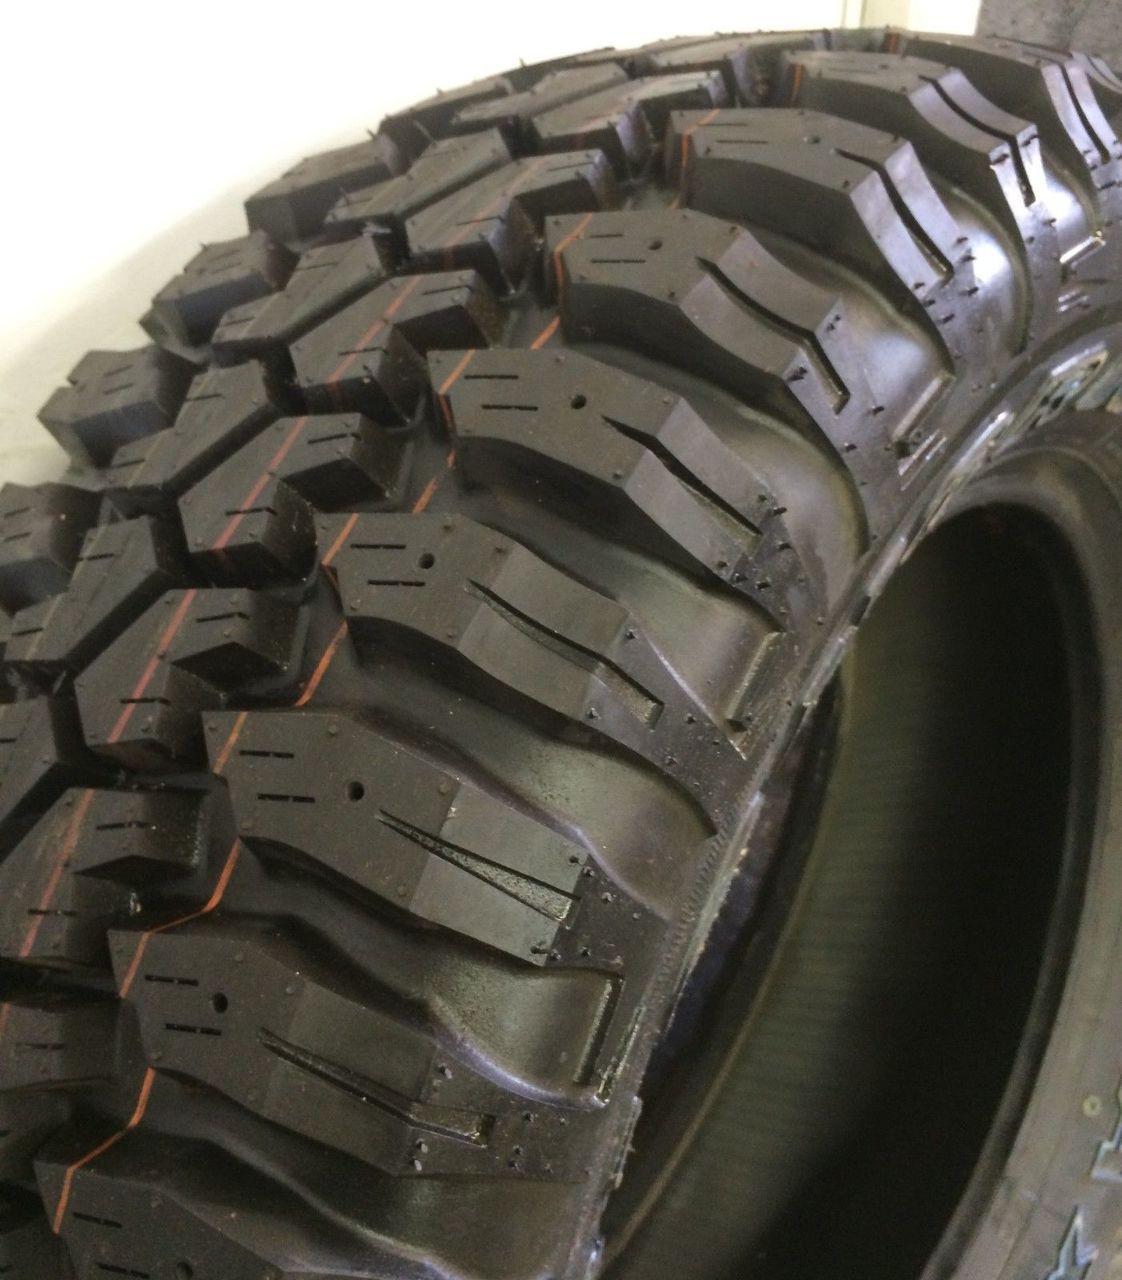 New Tire 305 55 20 Maxxis Bighorn MT-762 Mud 10 Ply BSW LT305/55R20 LT33x12.00R20